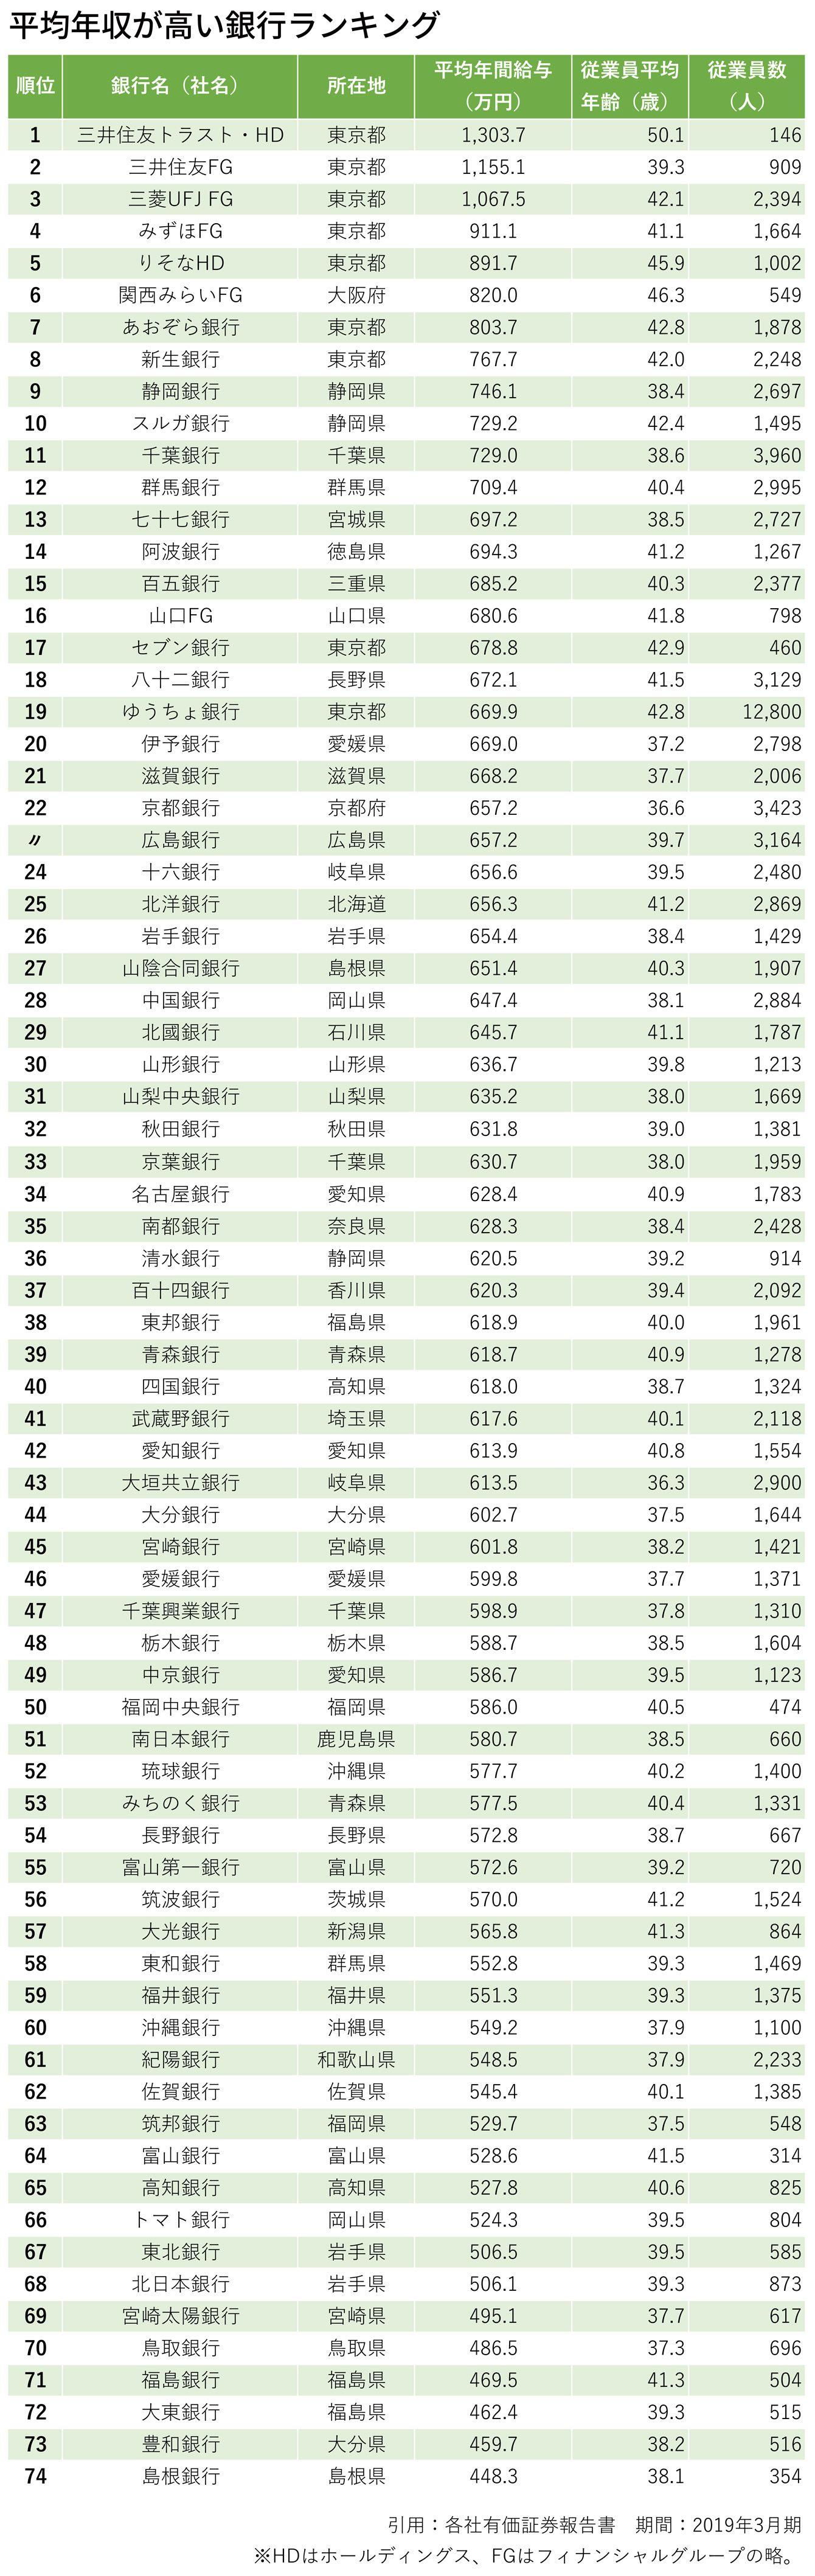 平均年収が高い銀行ランキング